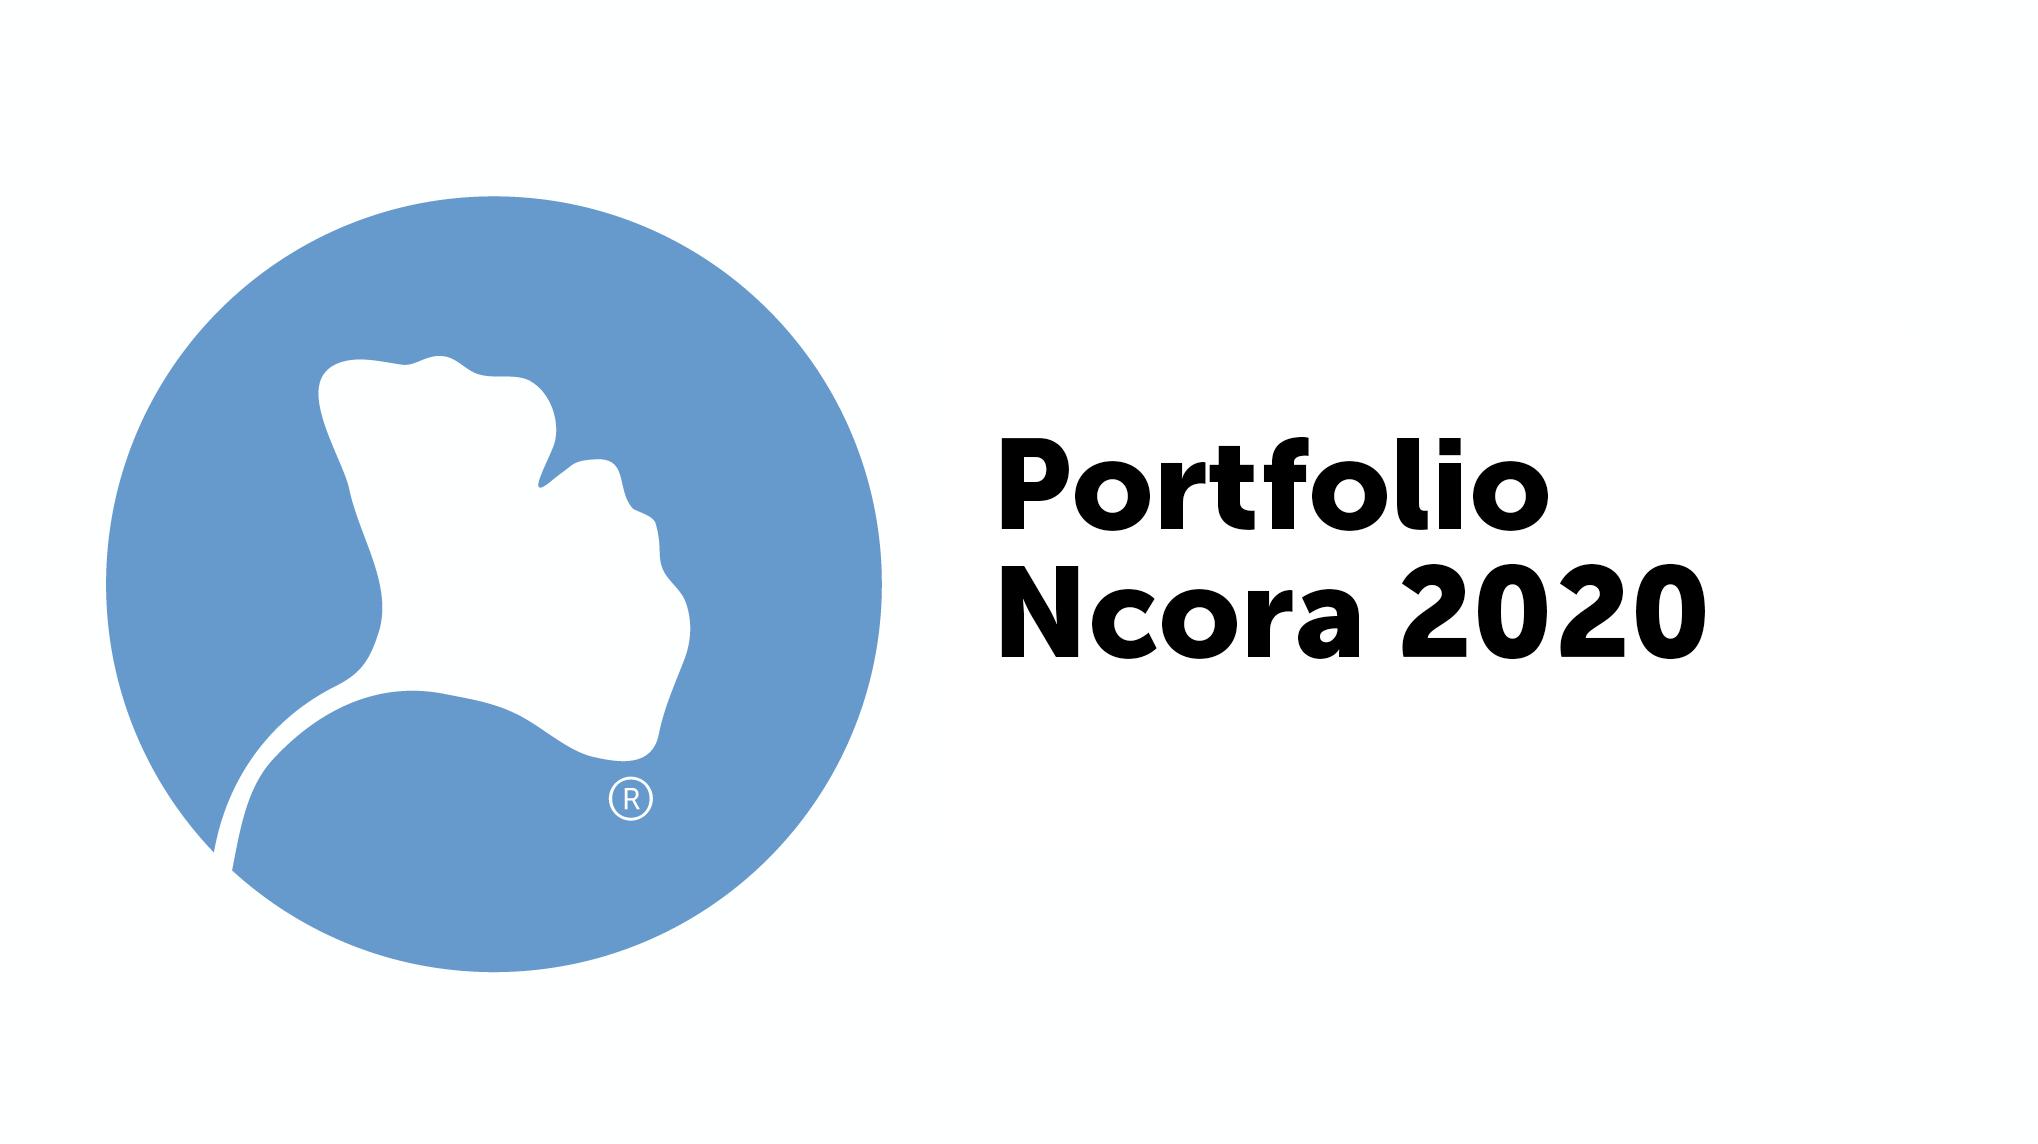 Portfolio Ncora 2020